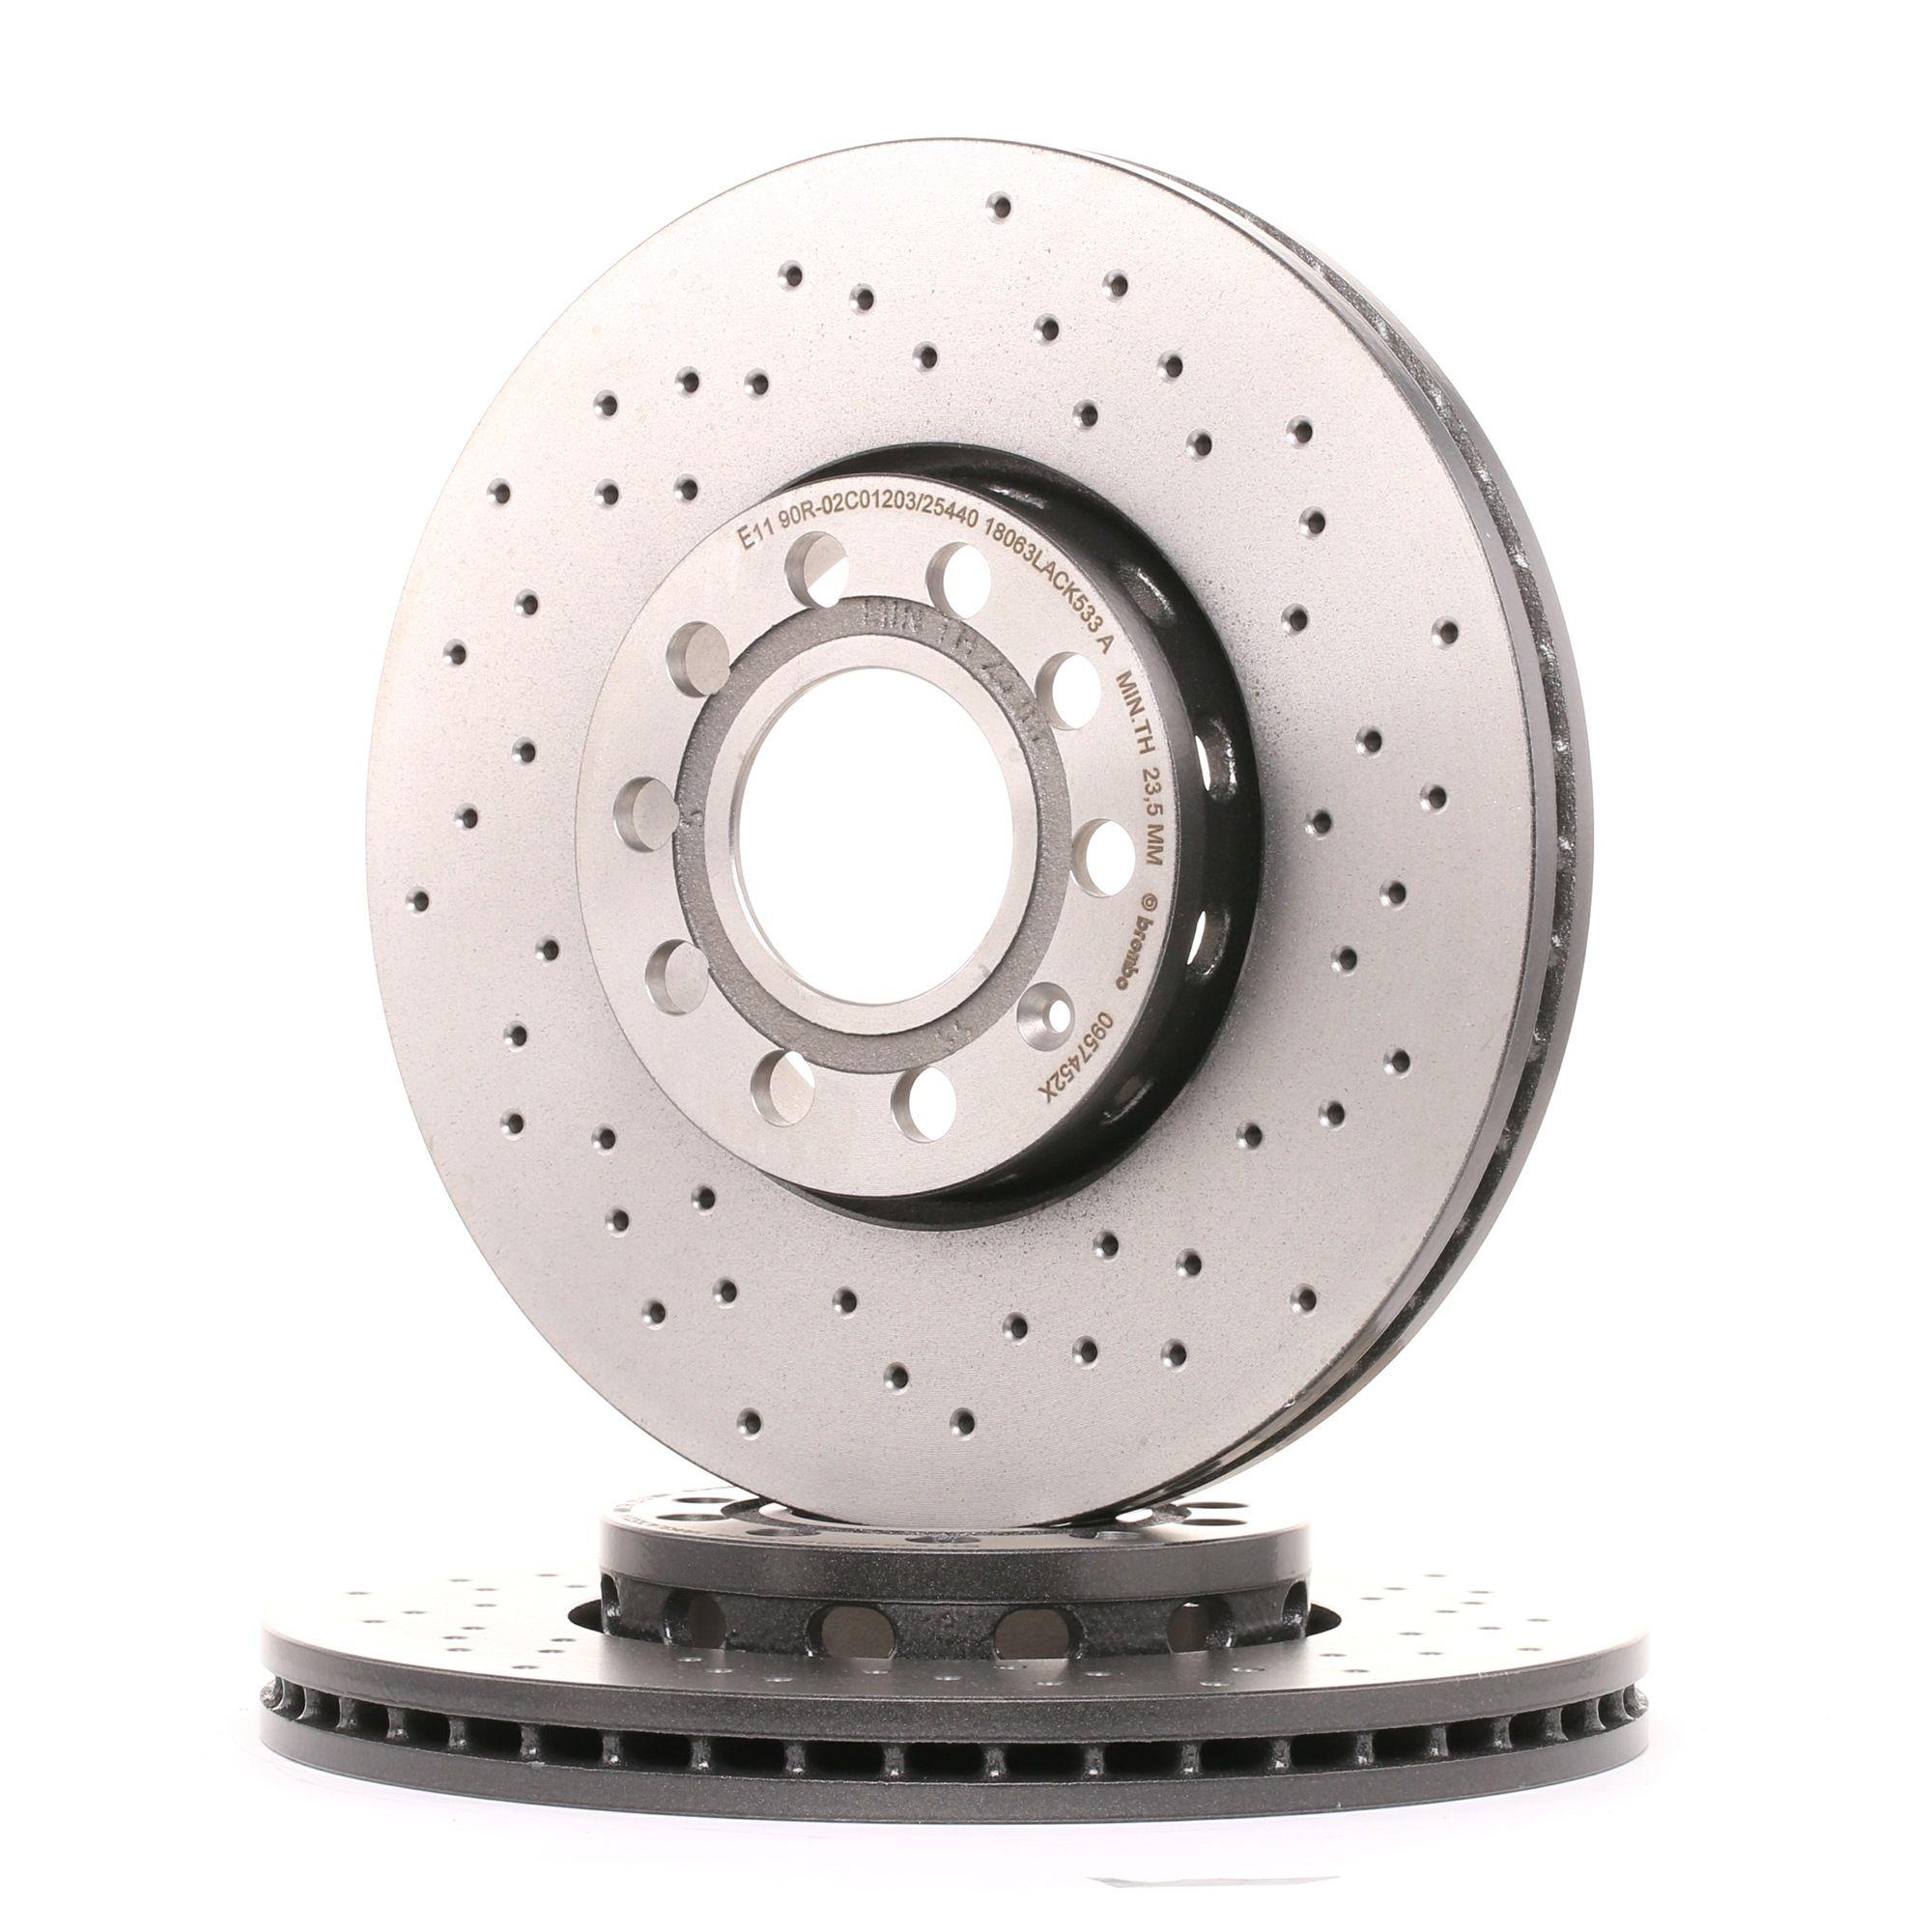 Achetez Disque BREMBO 09.5745.2X (Ø: 288mm, Nbre de trous: 5, Épaisseur du disque de frein: 25mm) à un rapport qualité-prix exceptionnel